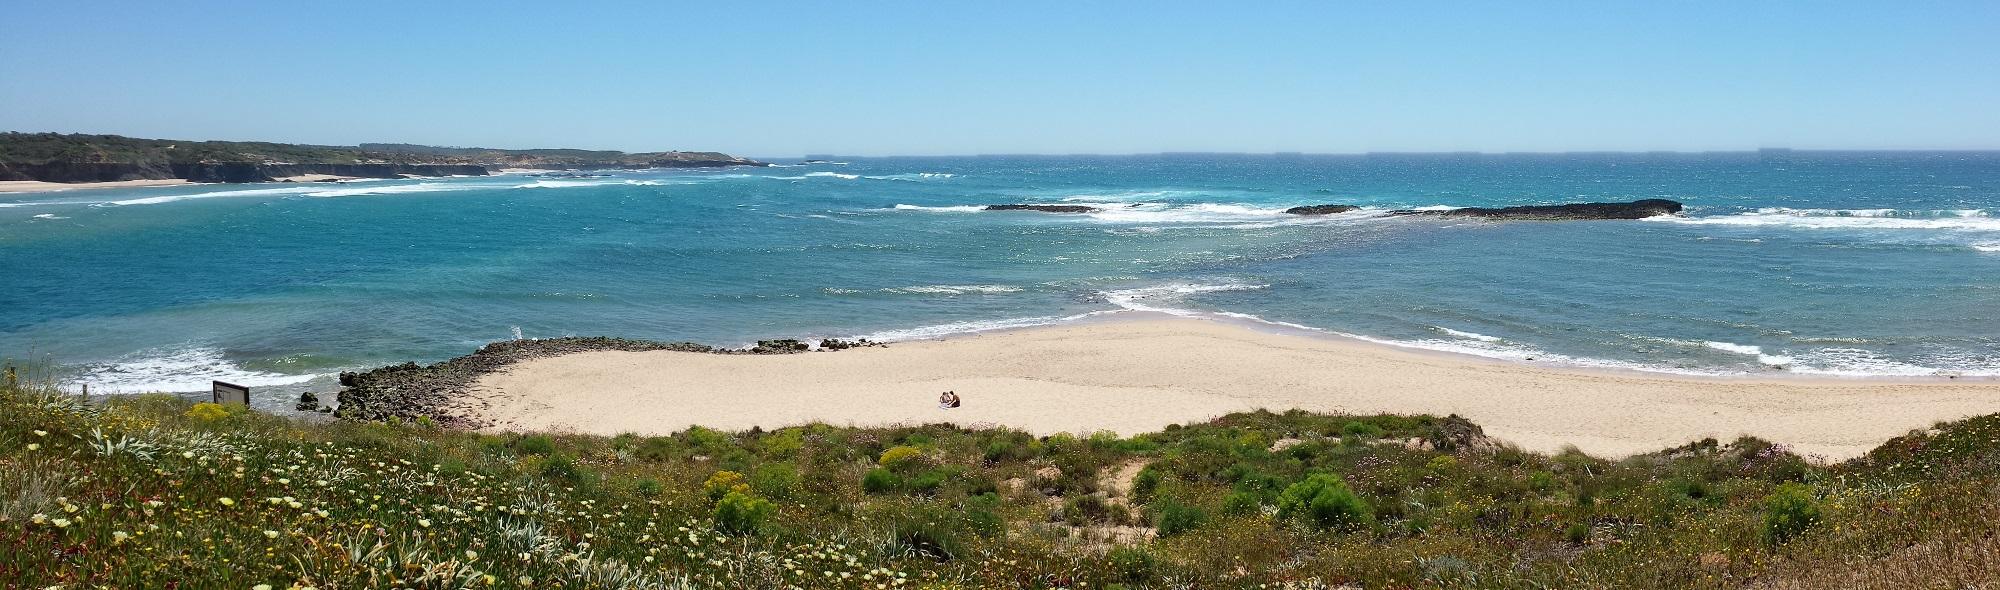 praia das furnas vila nova de milfontes